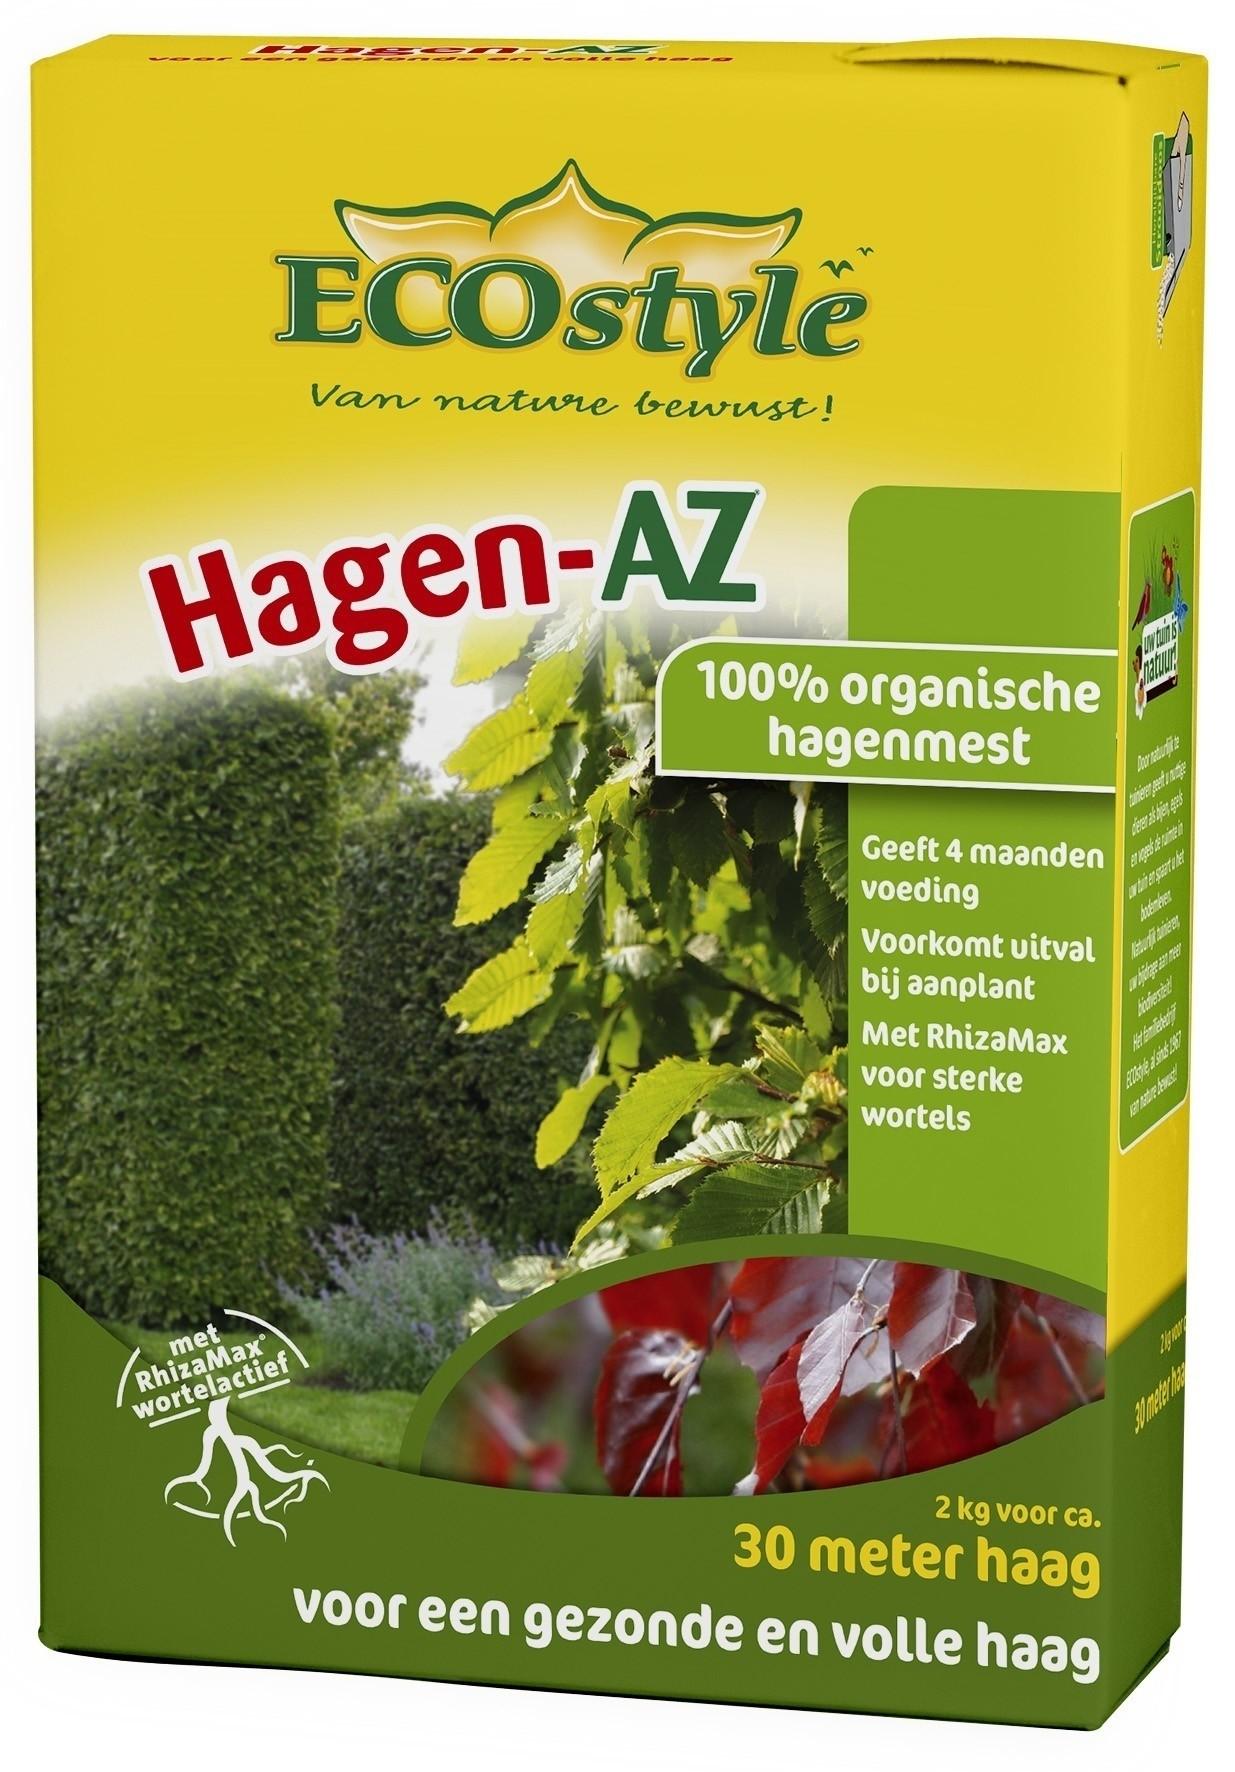 Hagen-AZ Ecostyle 2kg